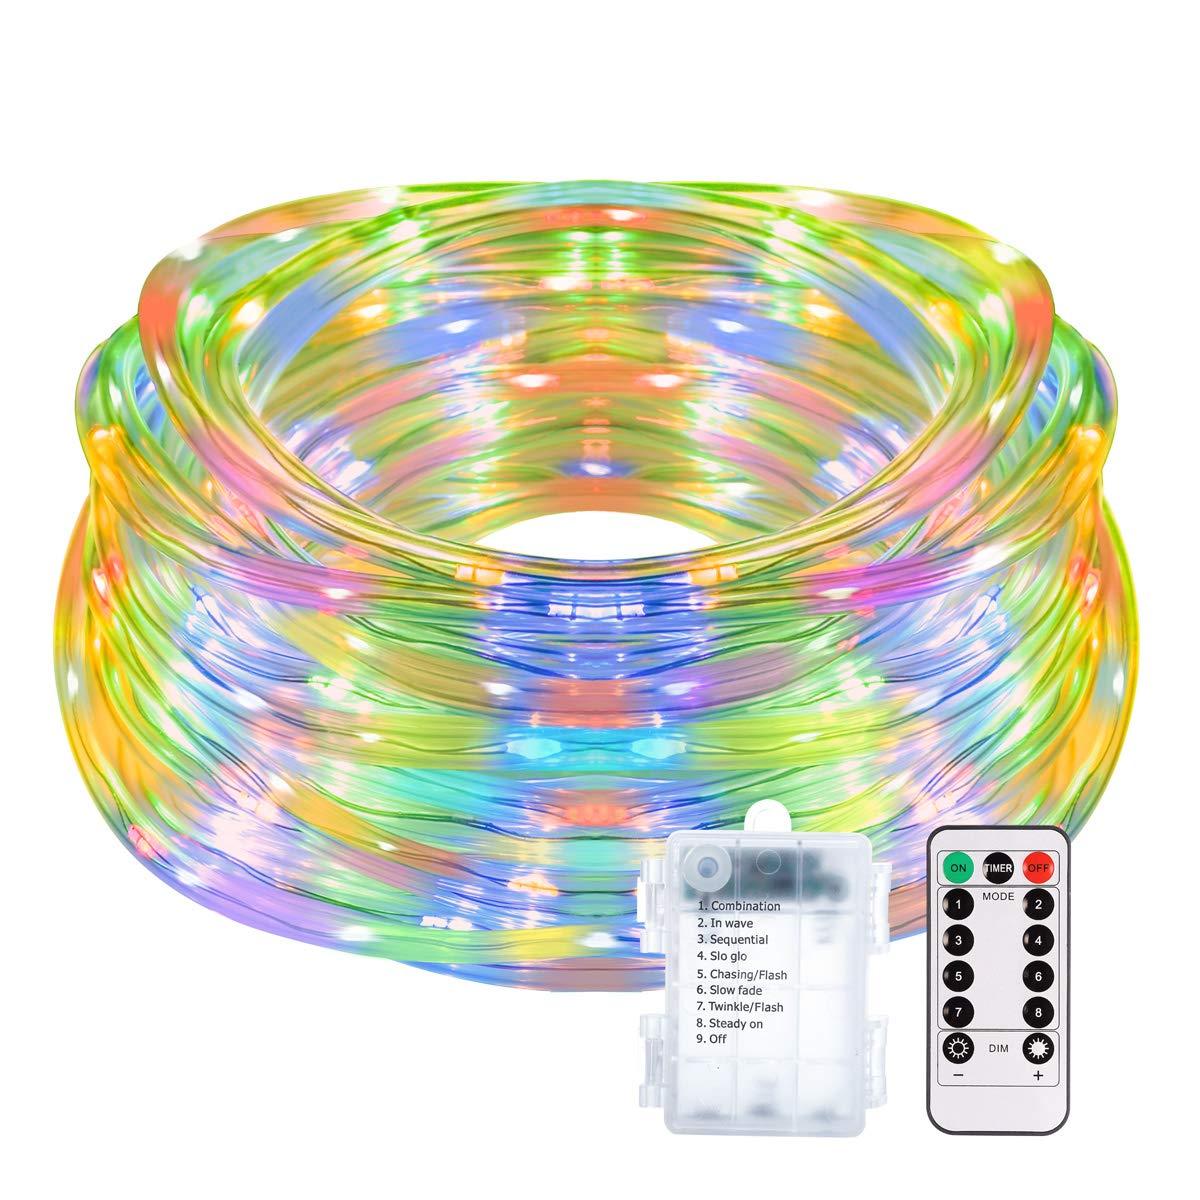 14M 120er LED Lichterschlauch mit Fernbedienung Timer B-right 8 Modi Led schlauch mit Memory-Funktion für Innen Außen Party Weihnachten IP65 Lichtschlauch Dekolicht Batteriebetrieben Bunt